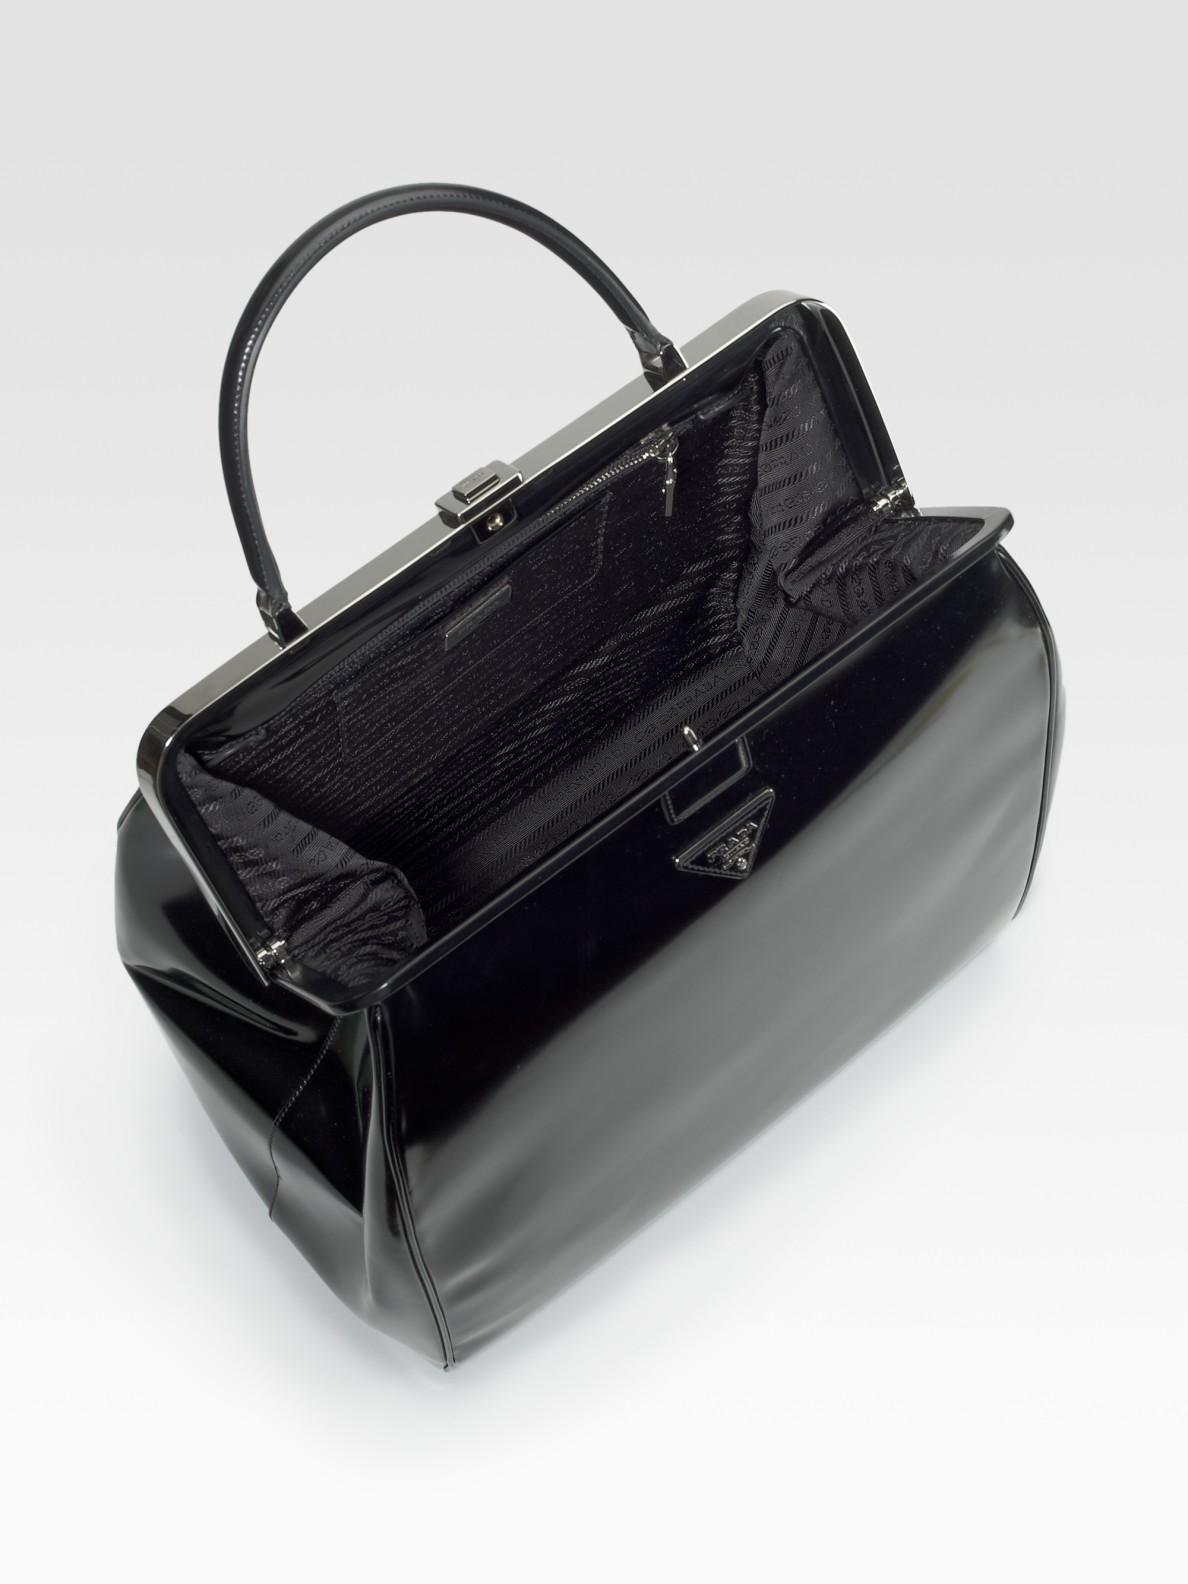 prada saffiano vernice strap bag - prada frame bag white